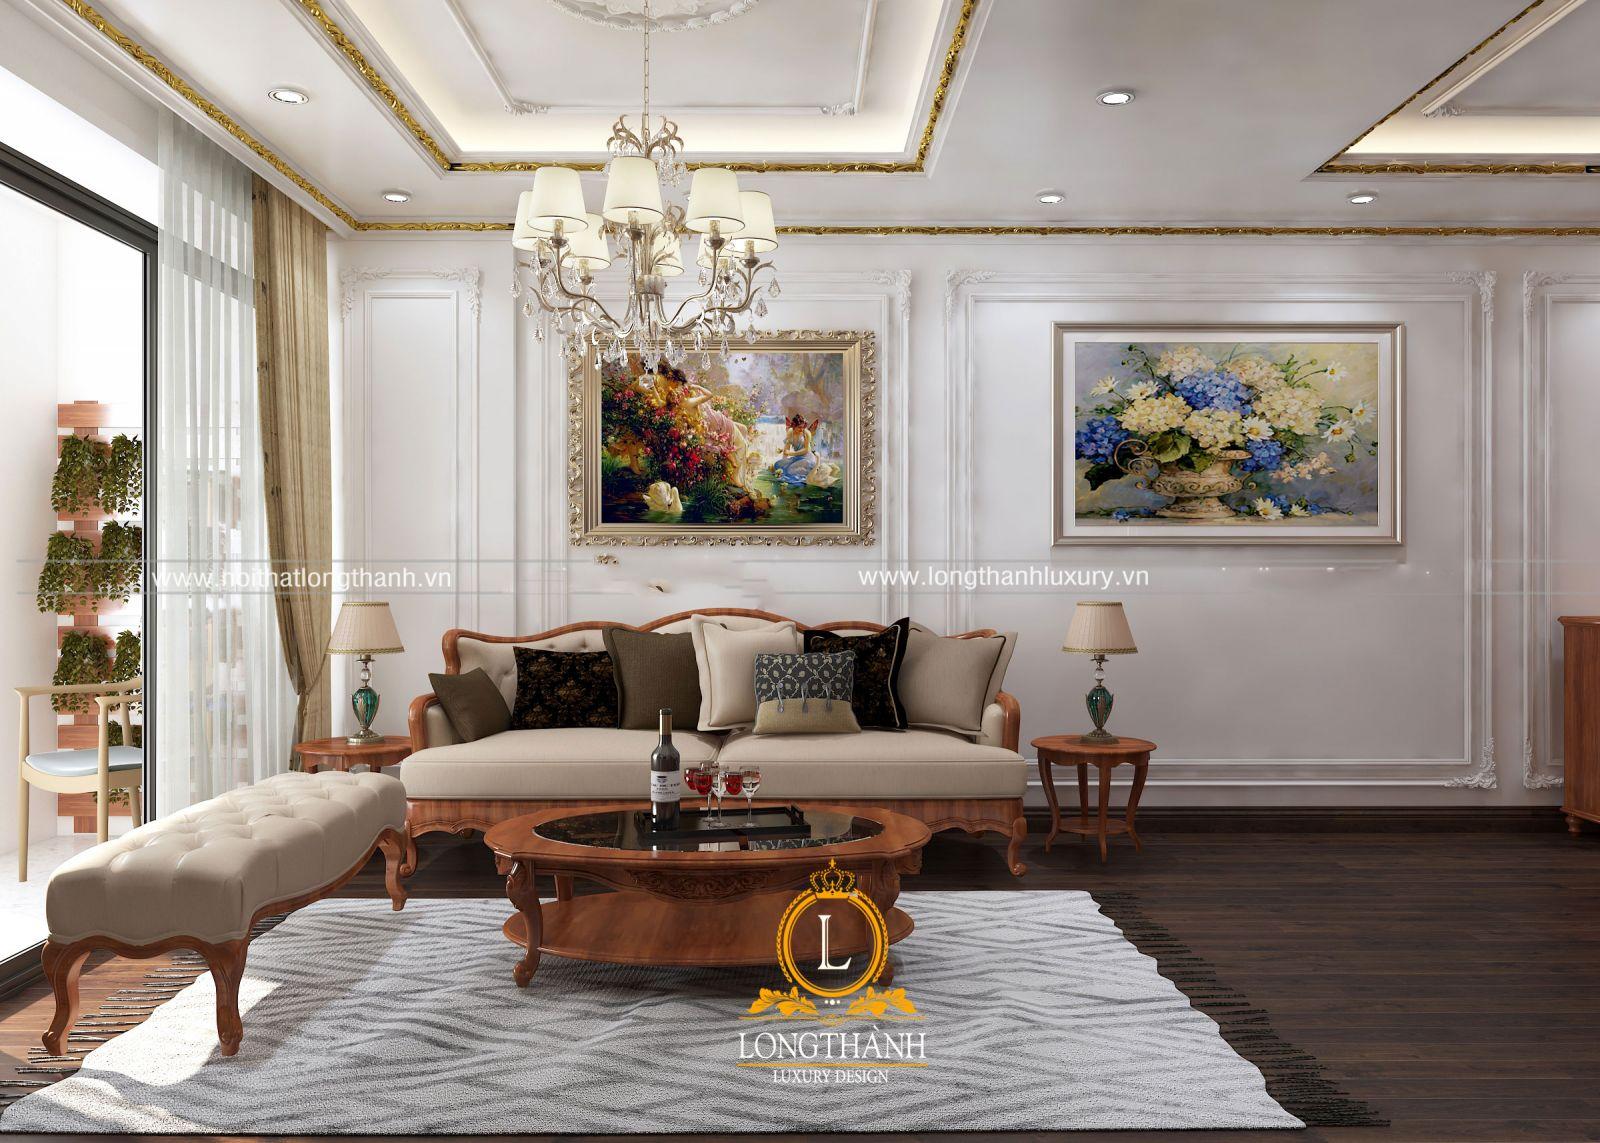 Vách kính được thiết kế giúp phòng khách thông thoáng và đón nhiều ánh sáng tự nhiên